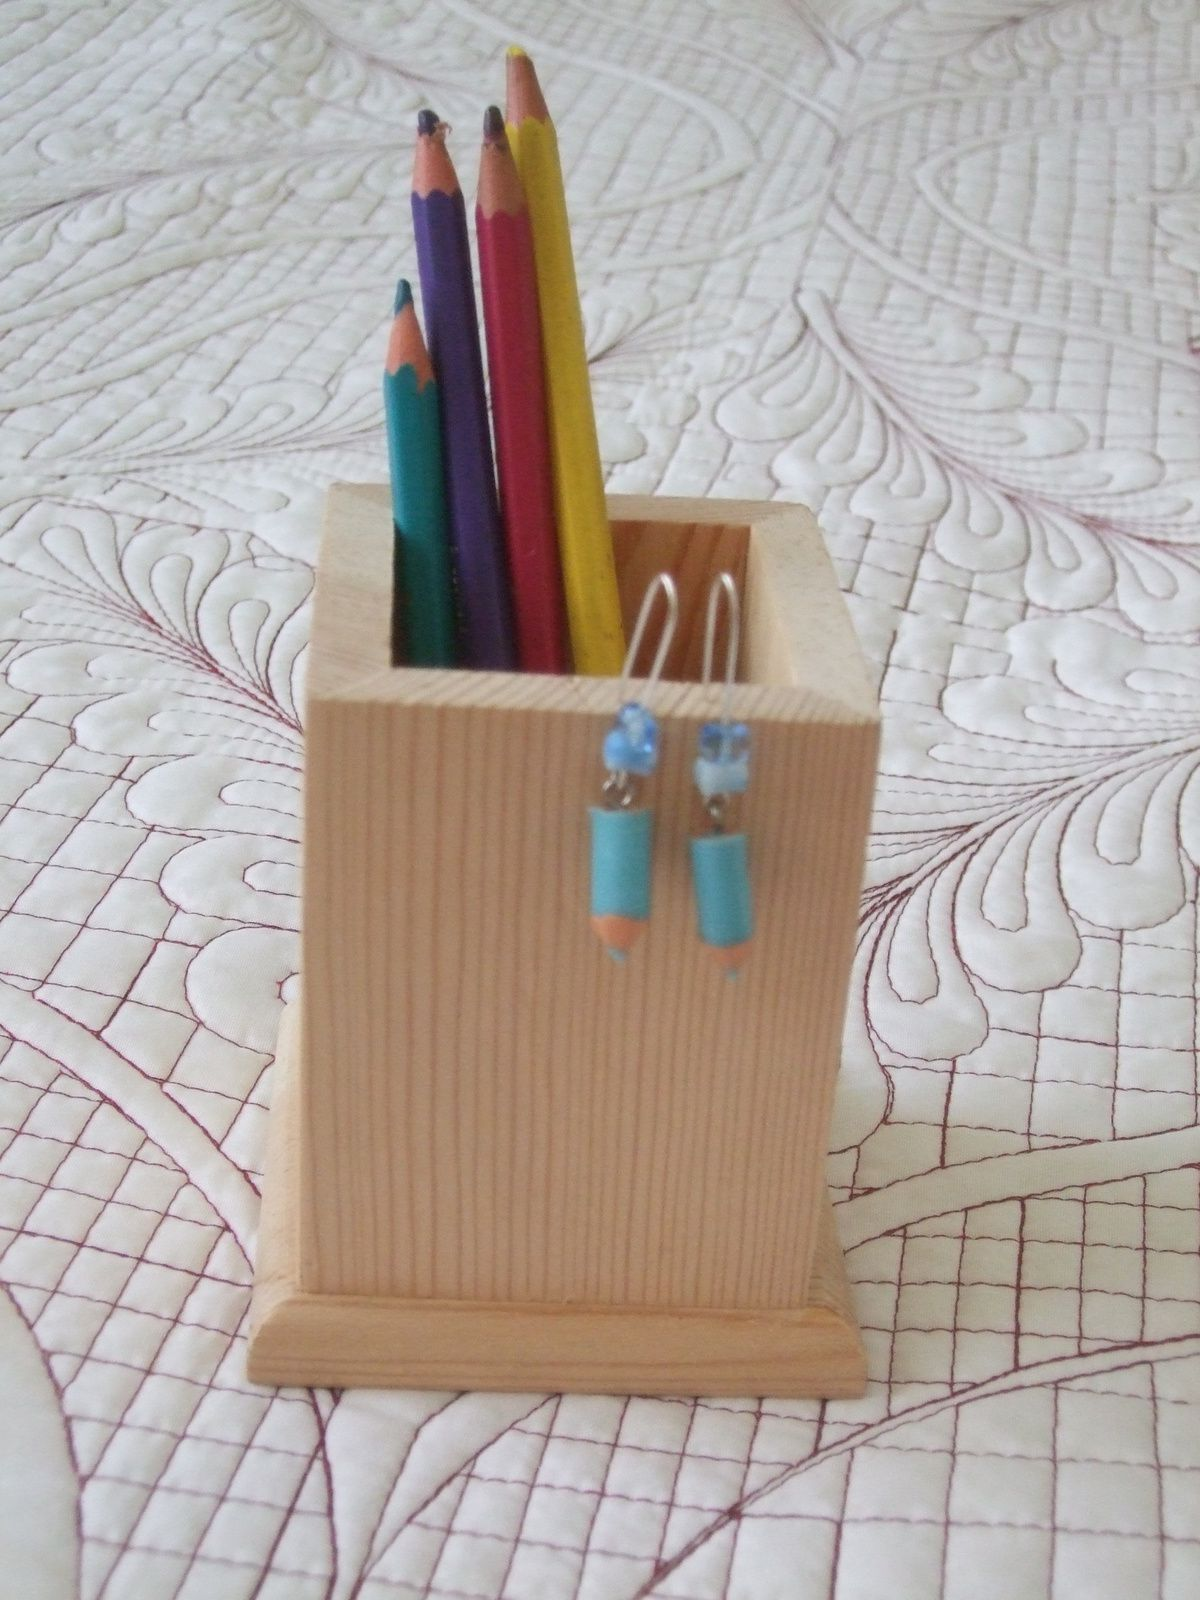 Les crayons d'Amélie - Boucles d'oreilles crayons de couleur bleu turquoise